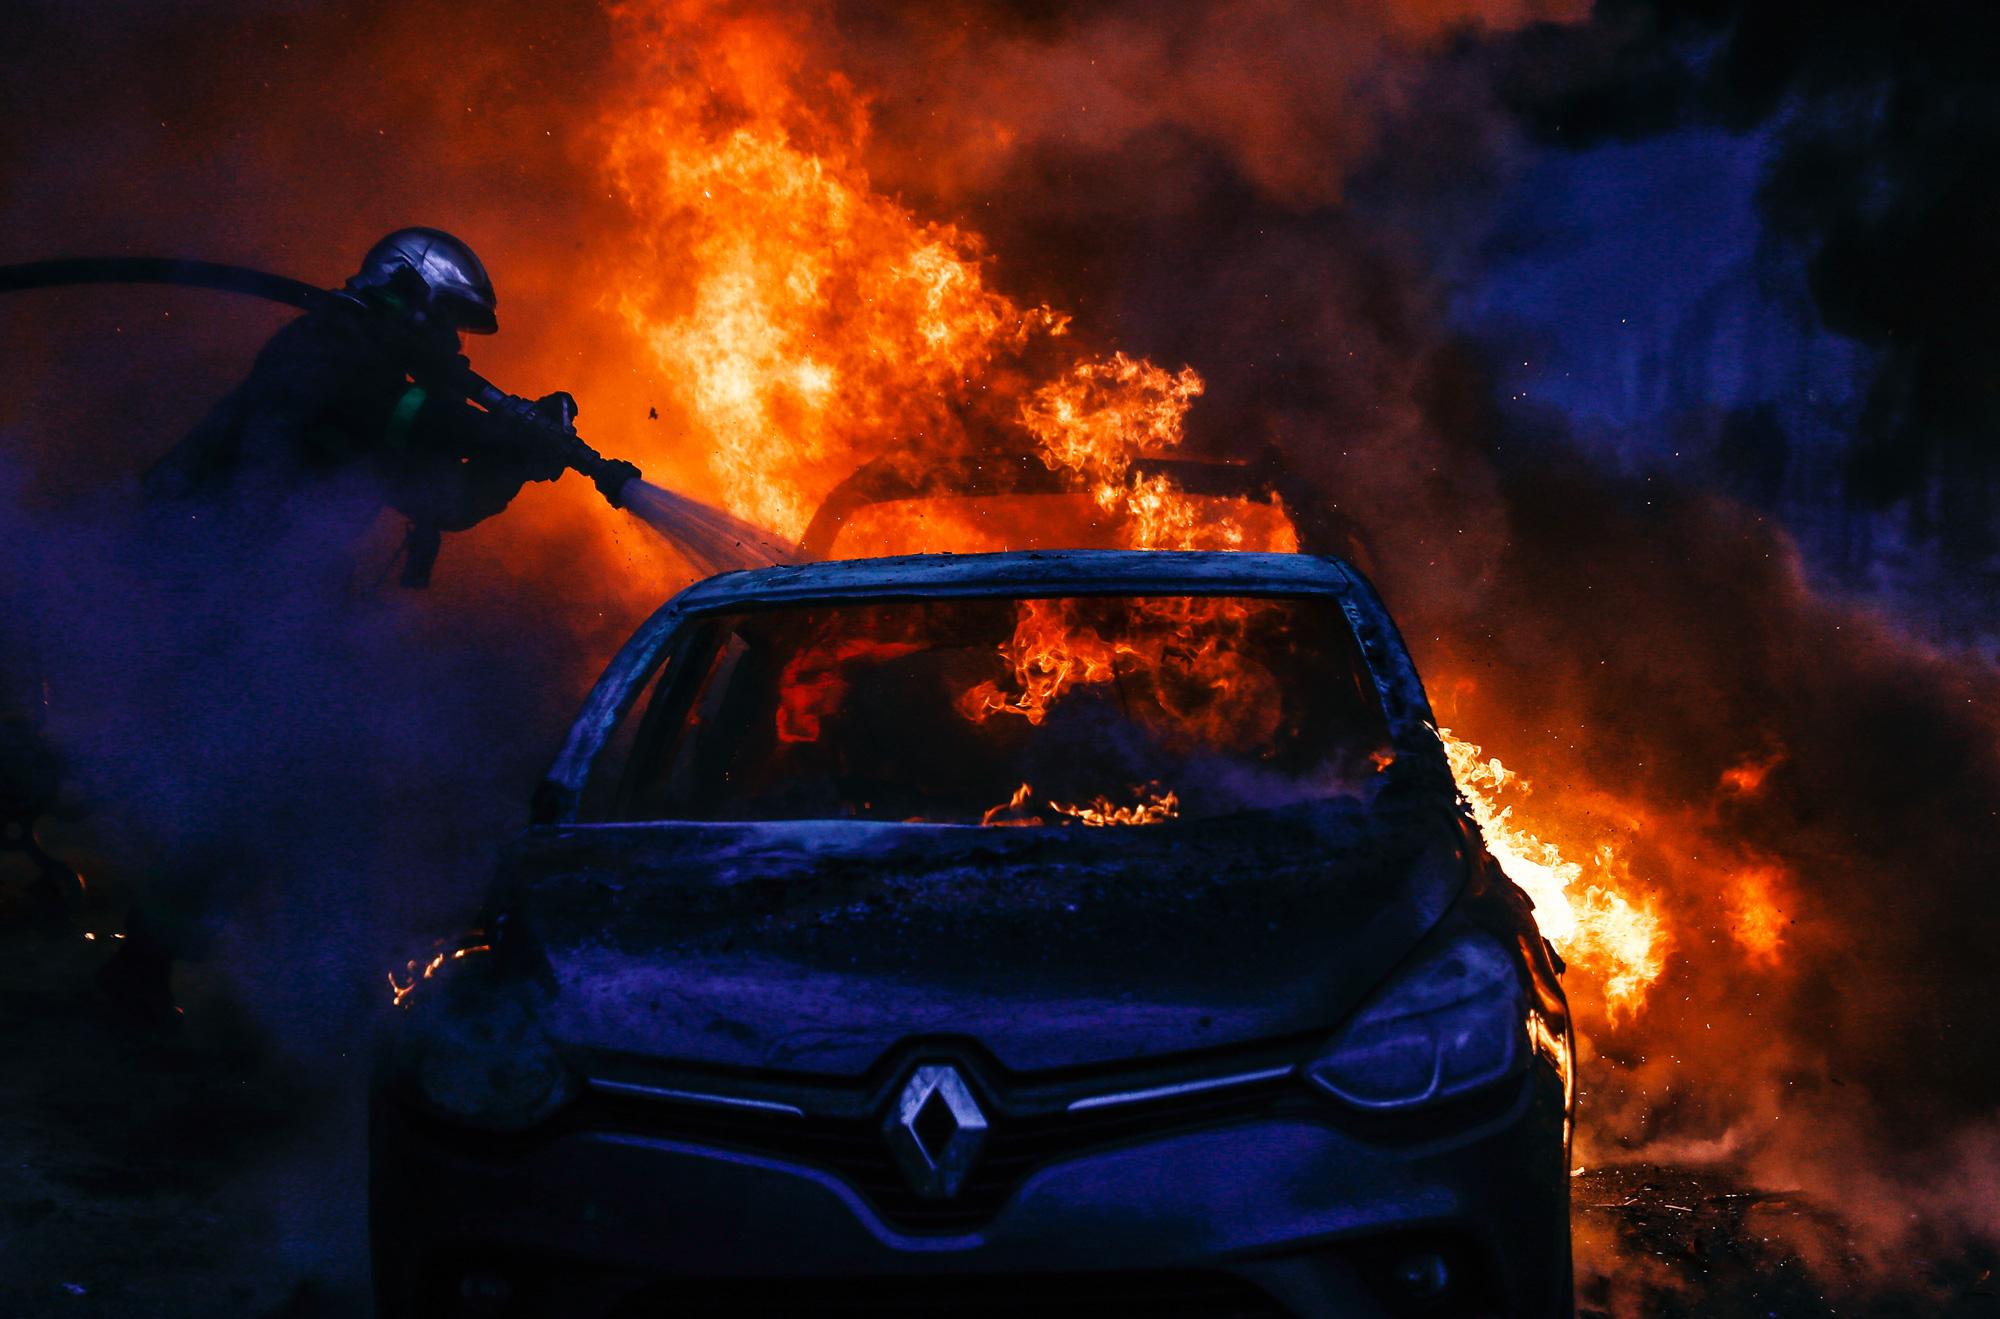 Пожарные тушат автомобиль, загоревшийся врезультате столкновения «желтых жилетов» ссиловиками около Триумфальной арки